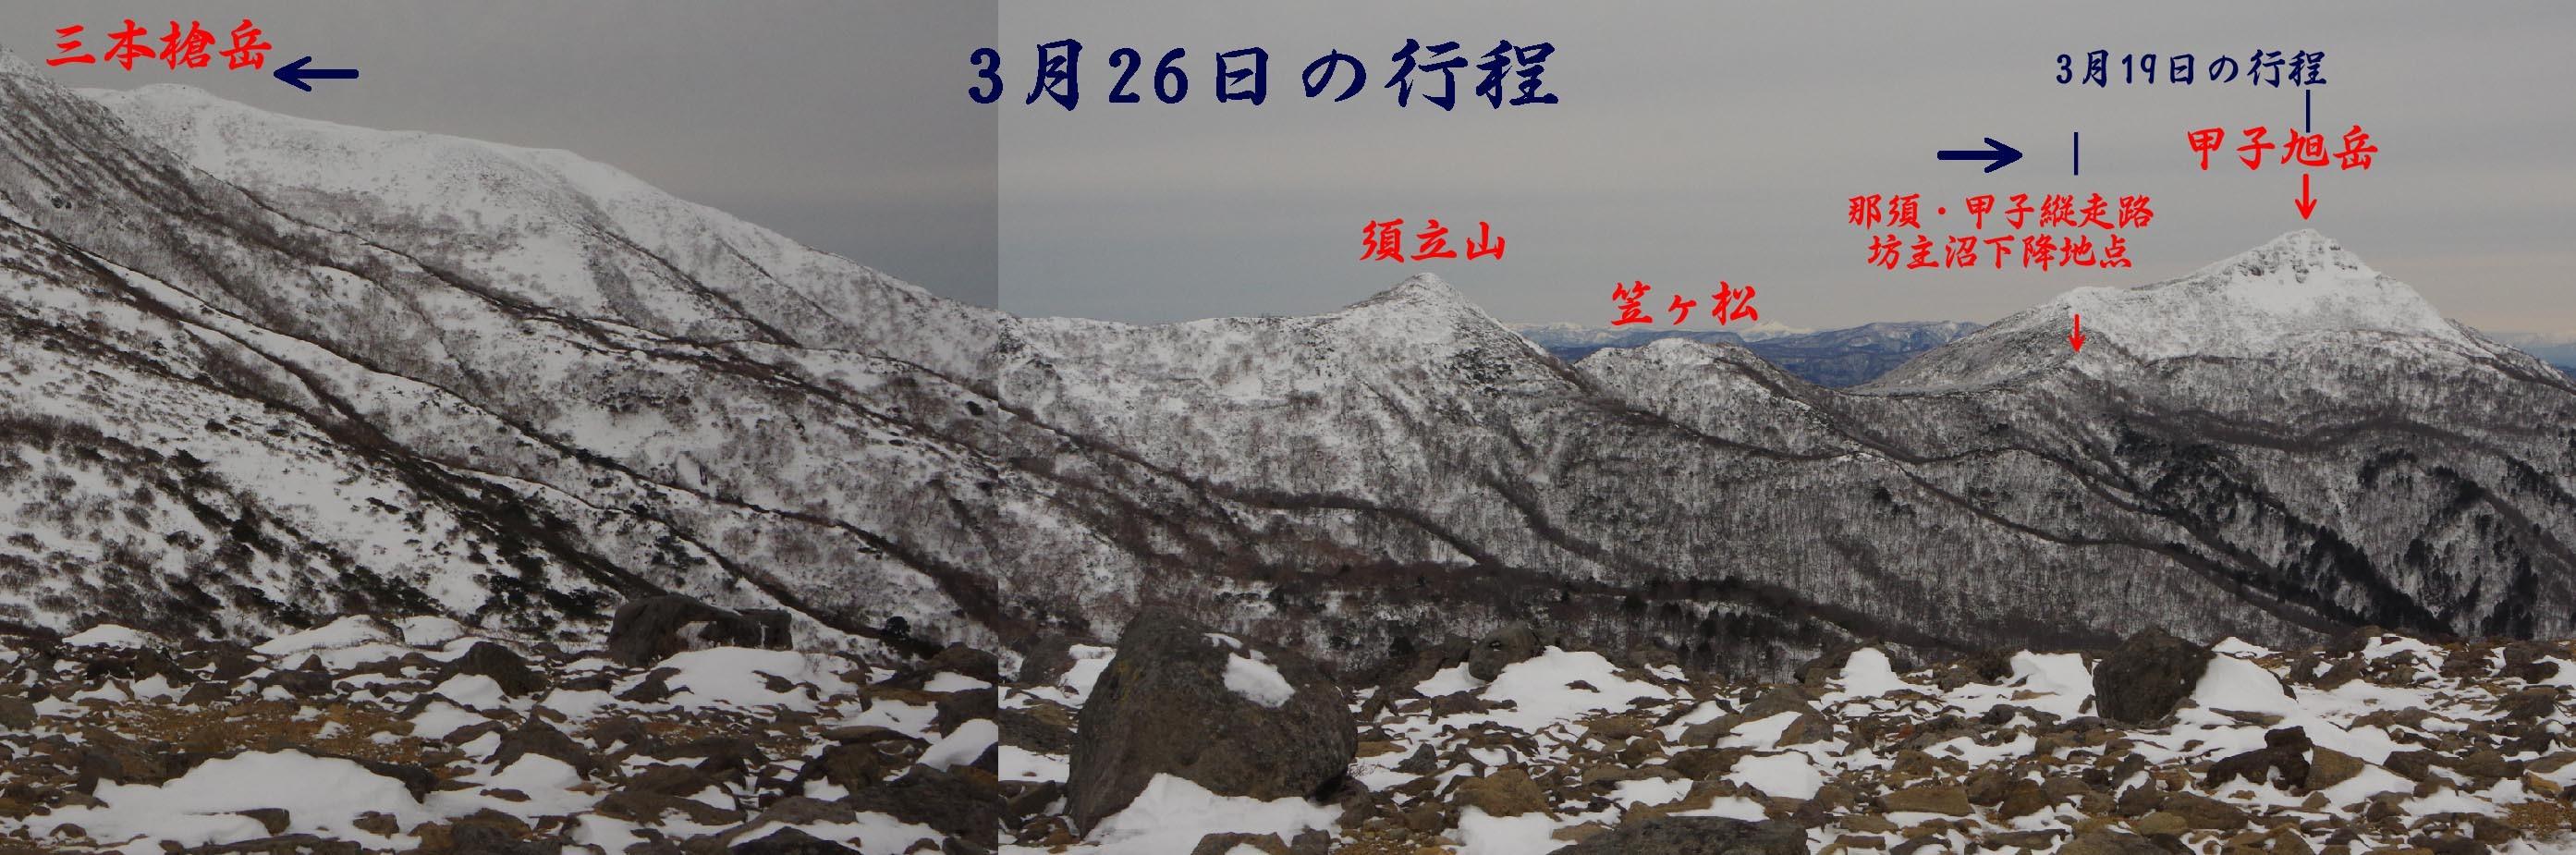 20200127甲子旭岳から三本槍行程